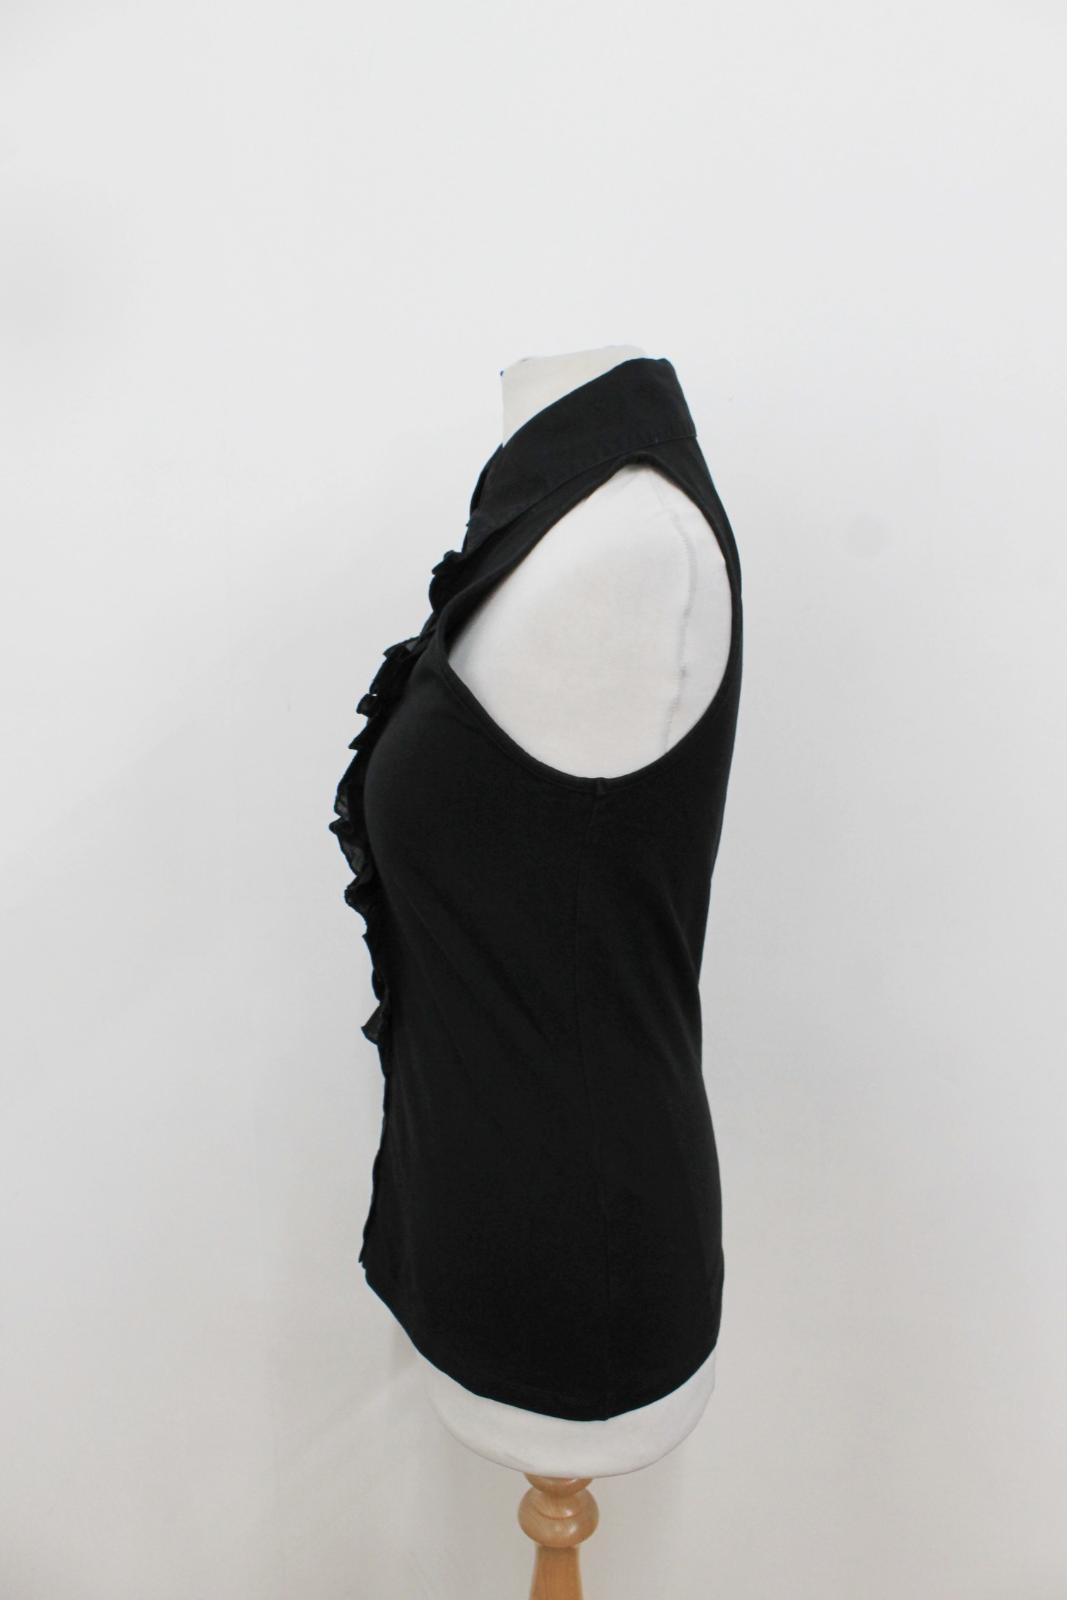 Gilet Ladies Fontaine con Black maniche Anne senza Uk10 Top colletto Eu38 Ruffle 56w0qxadaI